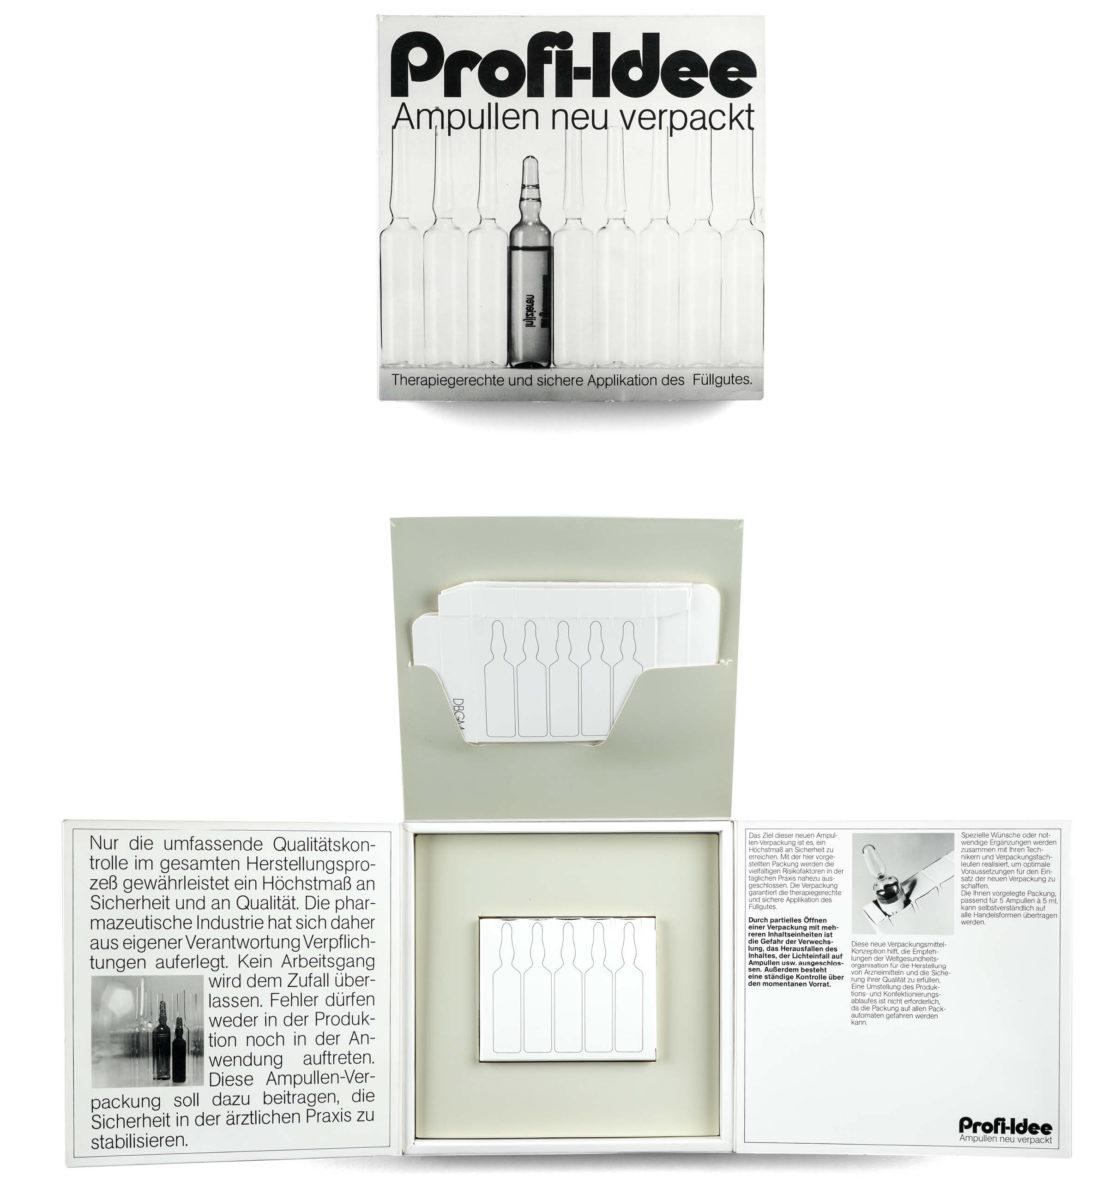 Ampullen neu verpackt, Verpackungsdesign für ein Arzneimittel von 1972